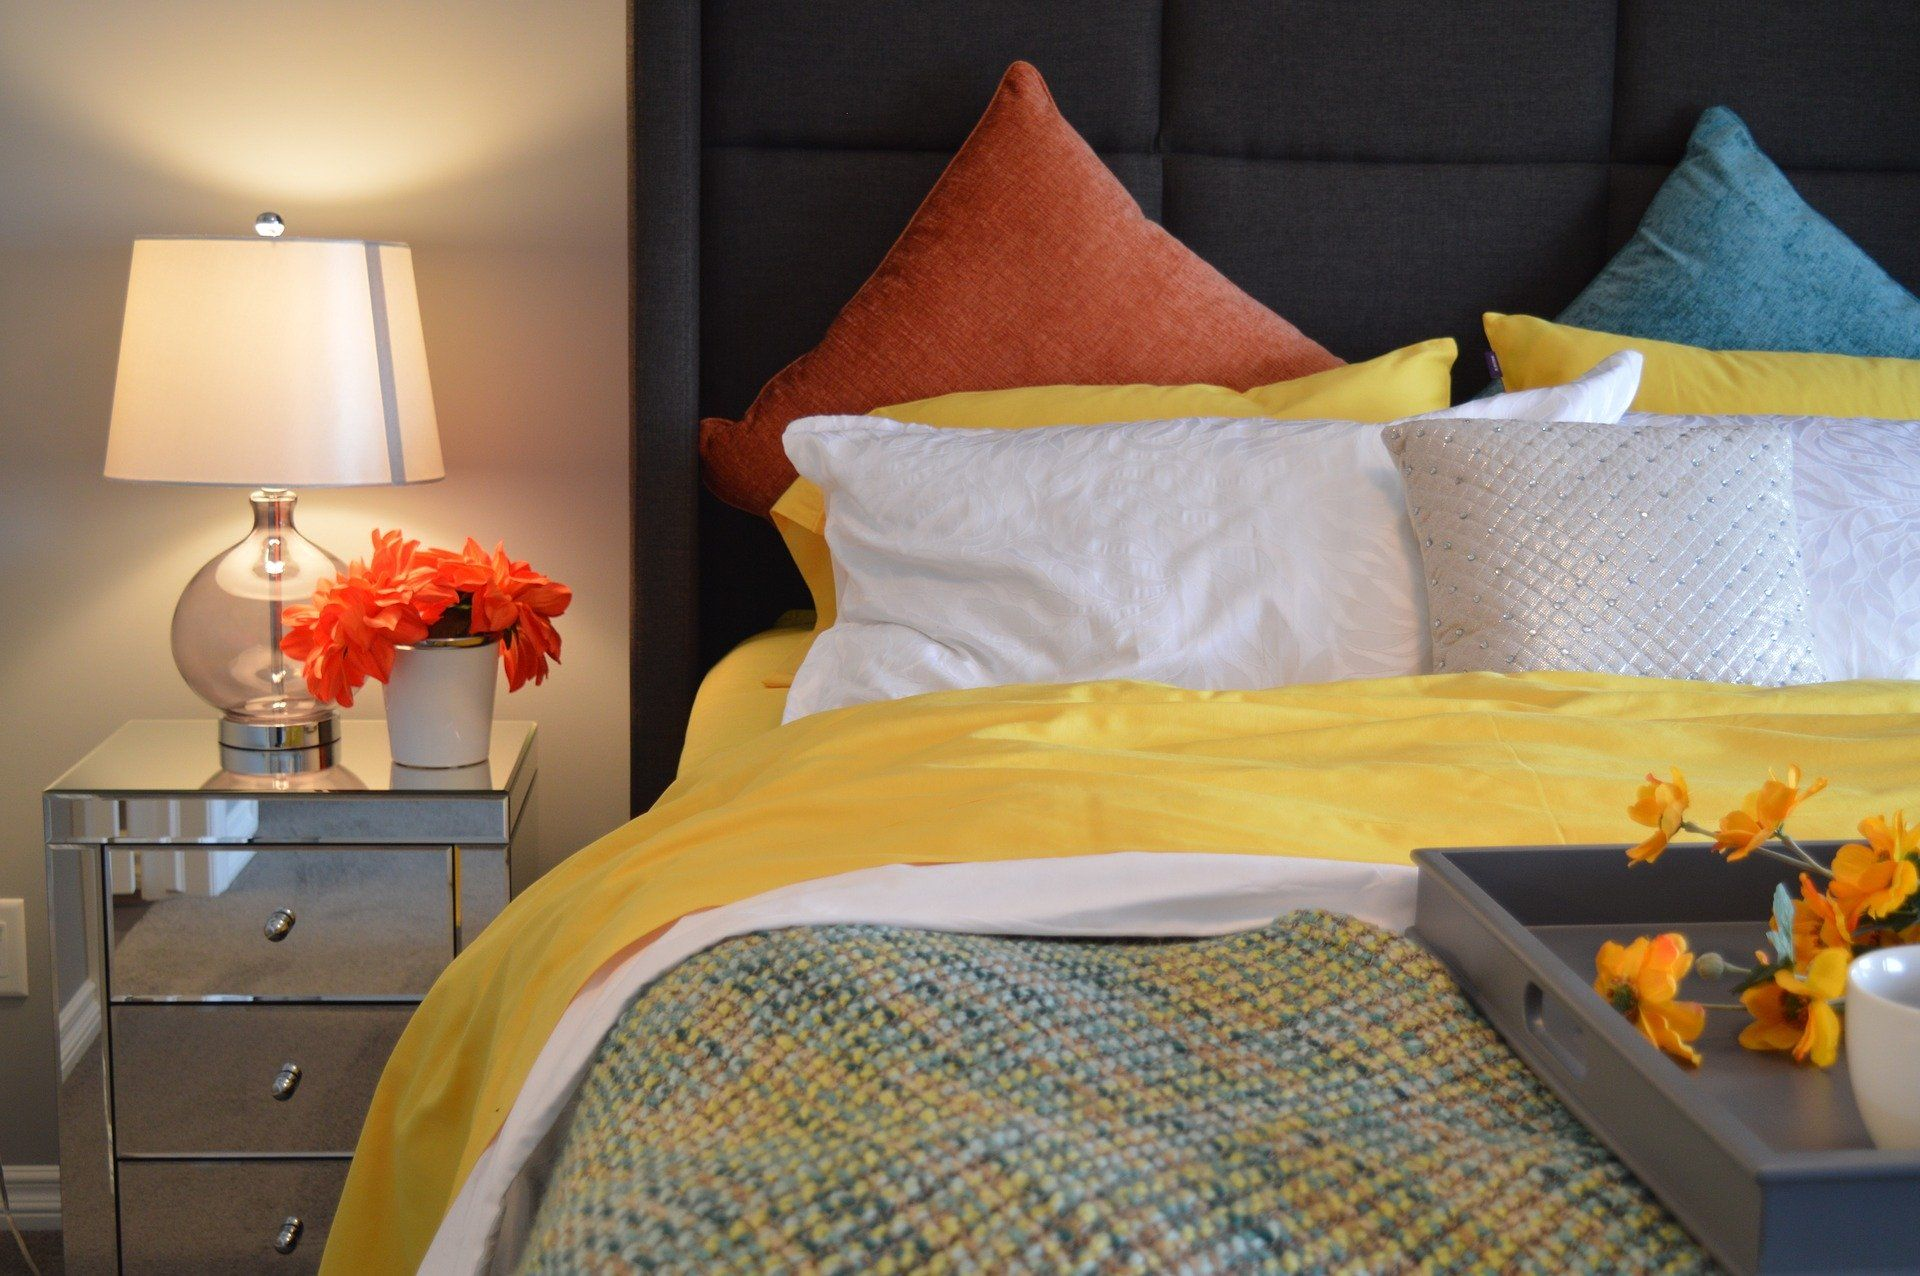 ahorrar energia en casa - dormitorio